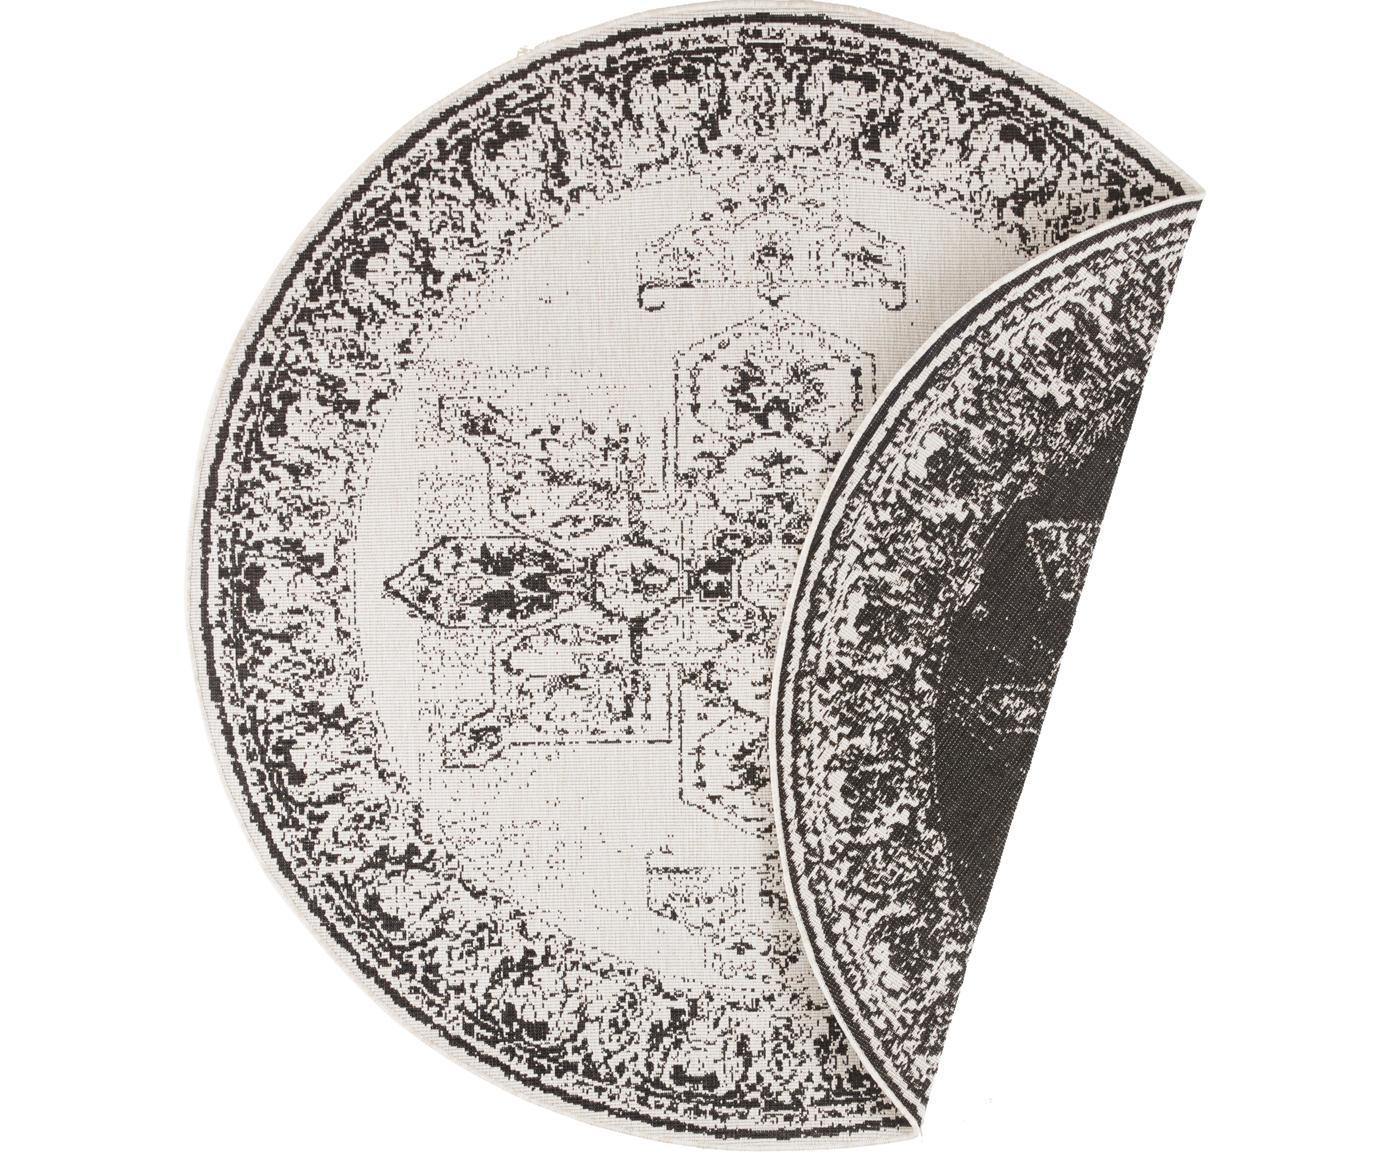 Rond dubbelzijdig in- en outdoor vloerkleed Borbon in vintage stijl, Polypropyleen, Zwart, crèmekleurig, Ø 200 cm